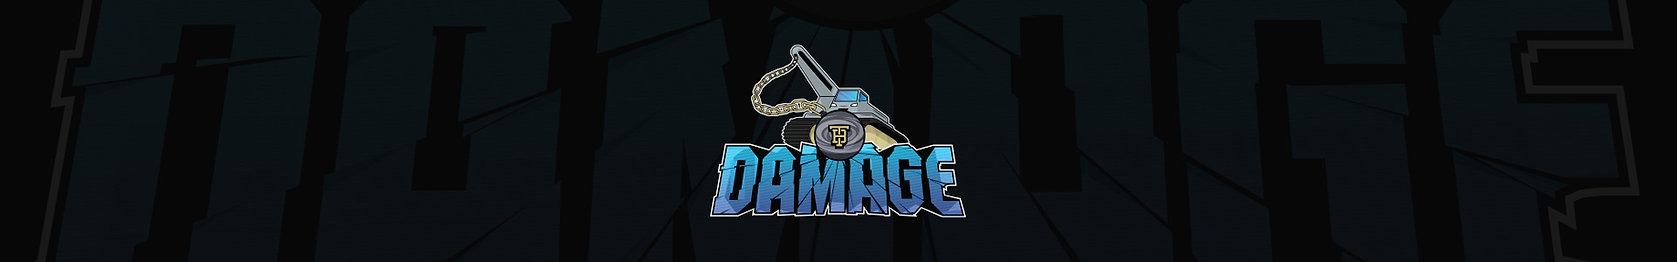 LogoBar_TampaBayDamage.jpg